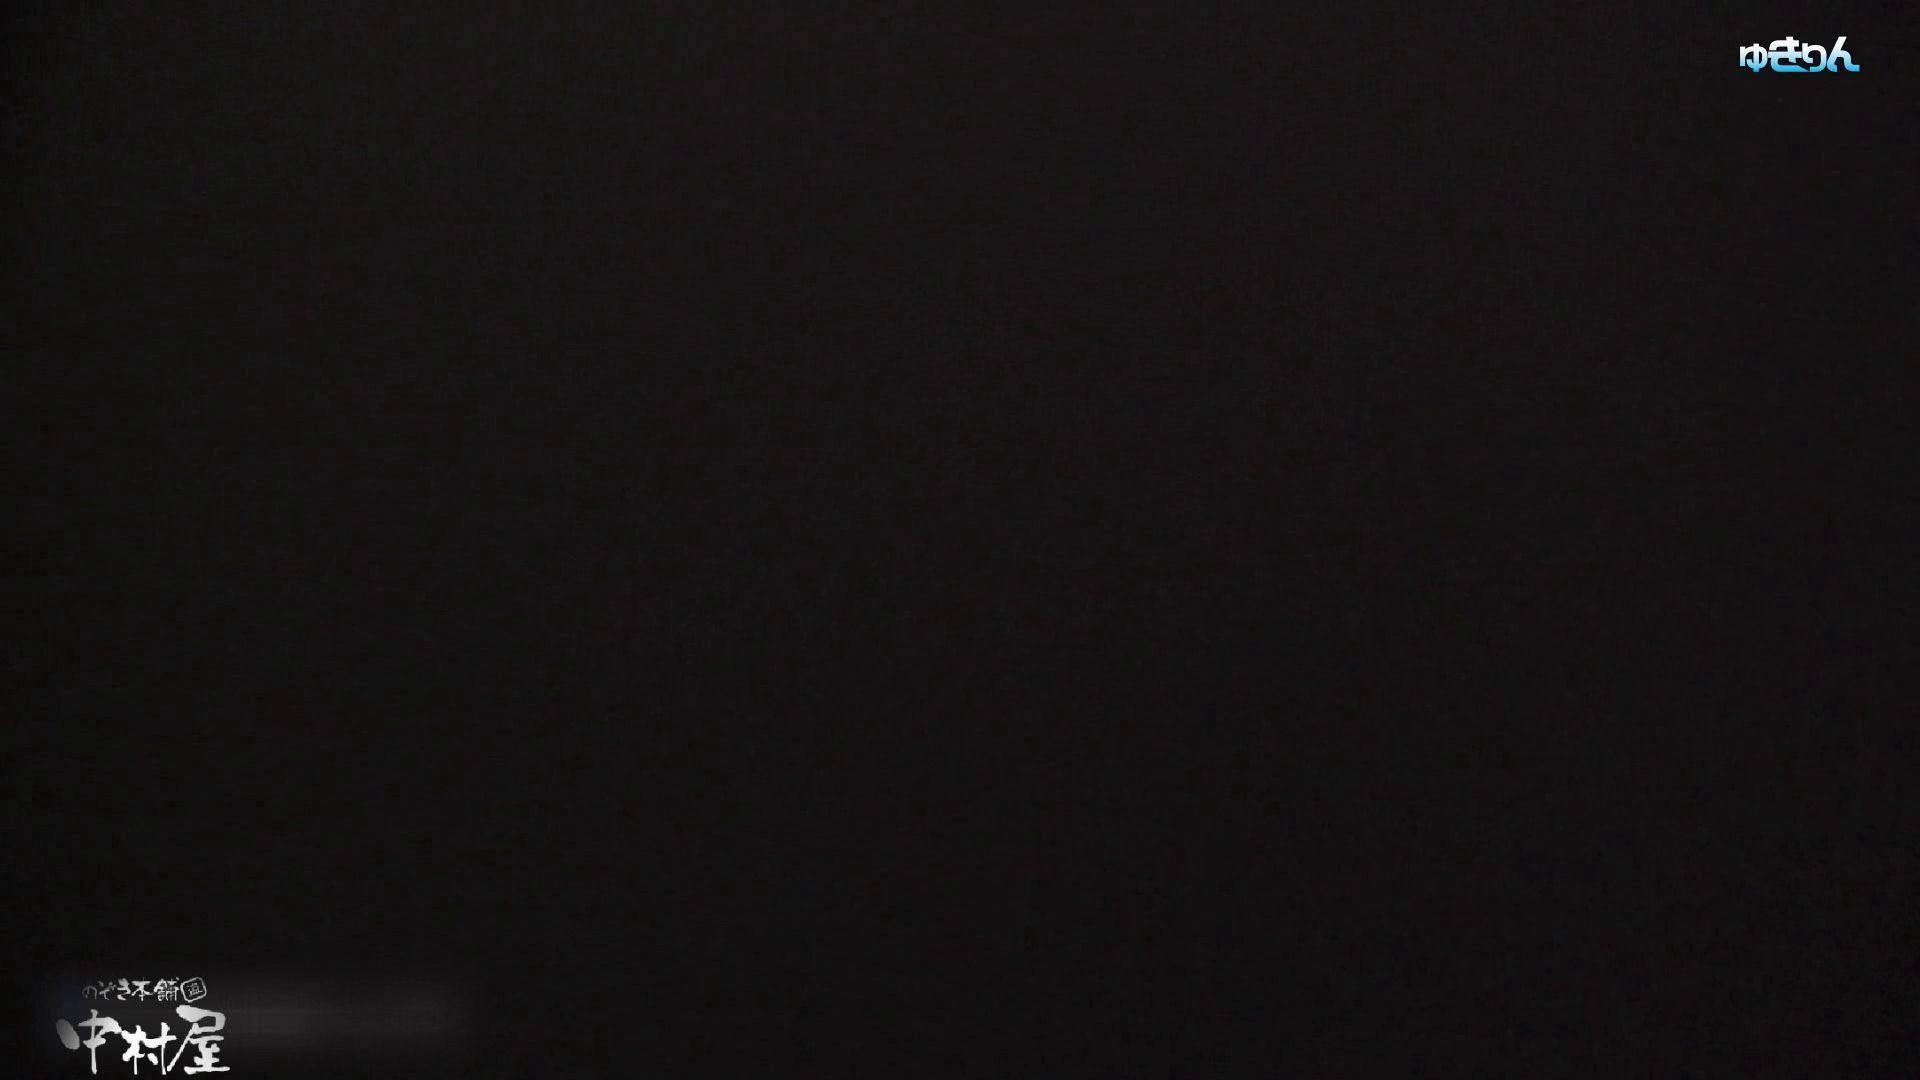 無修正エロ動画|世界の射窓から~ステーション編 vol61 レベルアップ!!画質アップ、再発進|のぞき本舗 中村屋